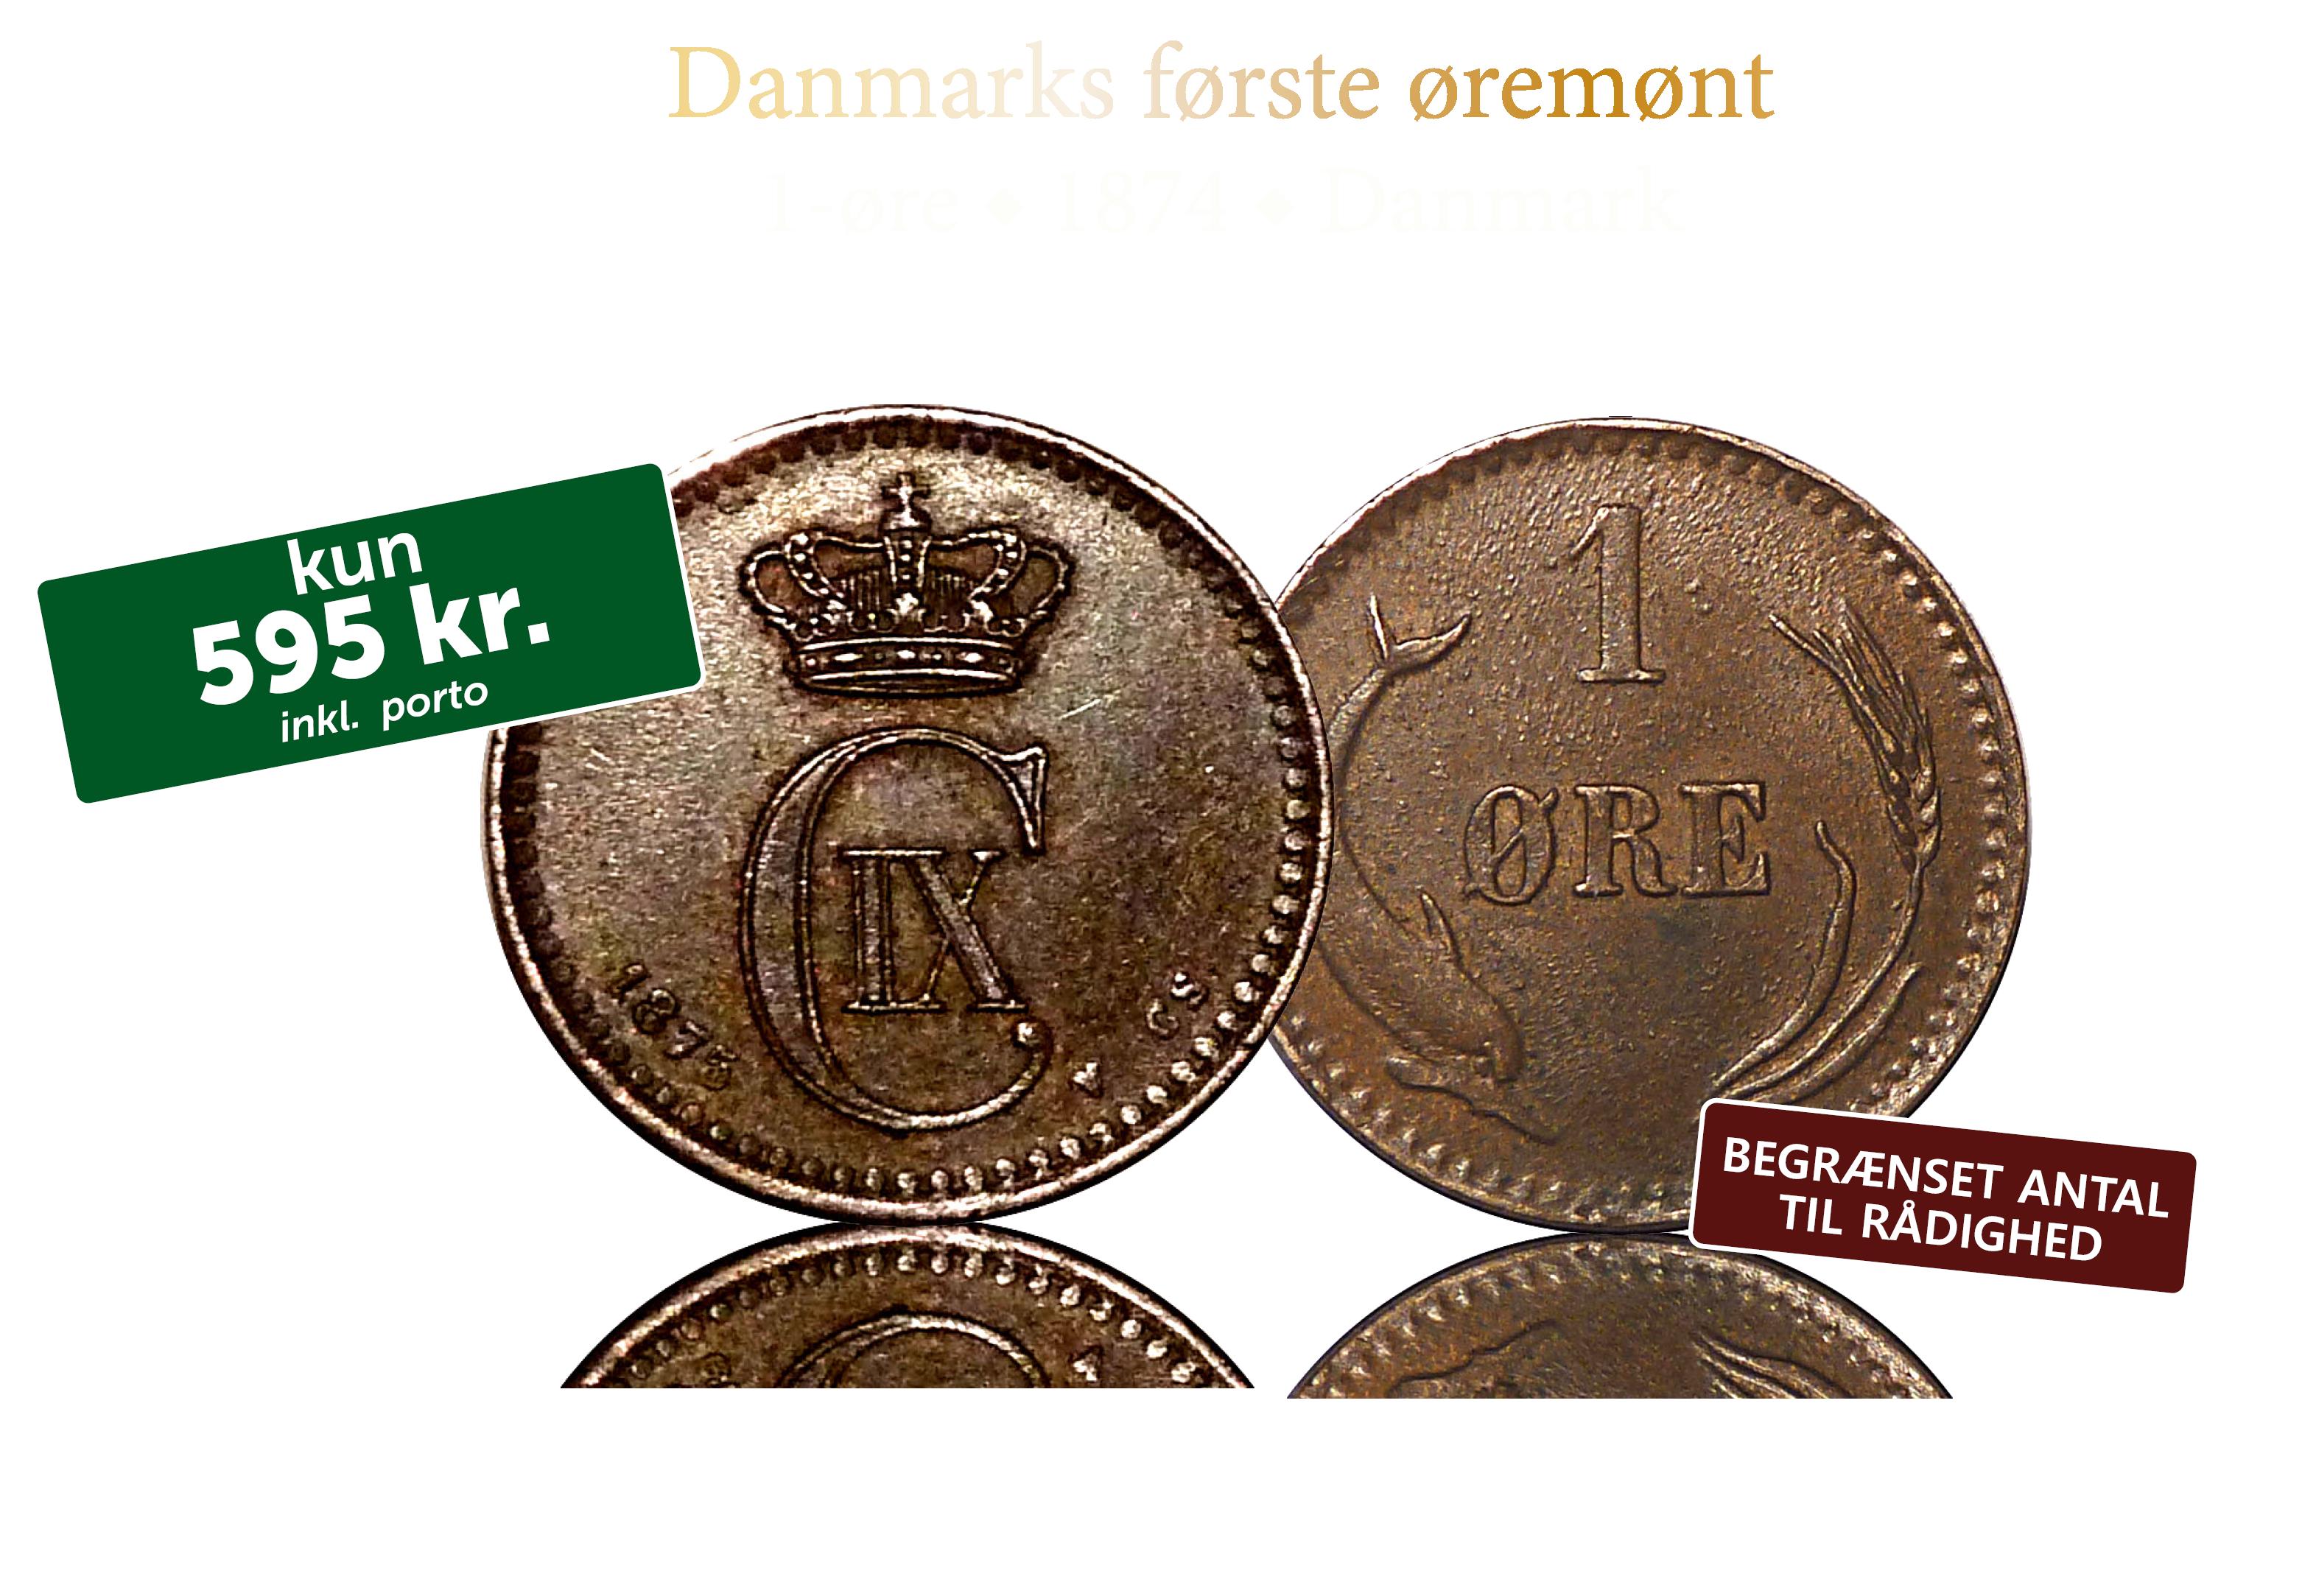 Danmarks første øremønt. Den historiske 1-øre fra 1874.